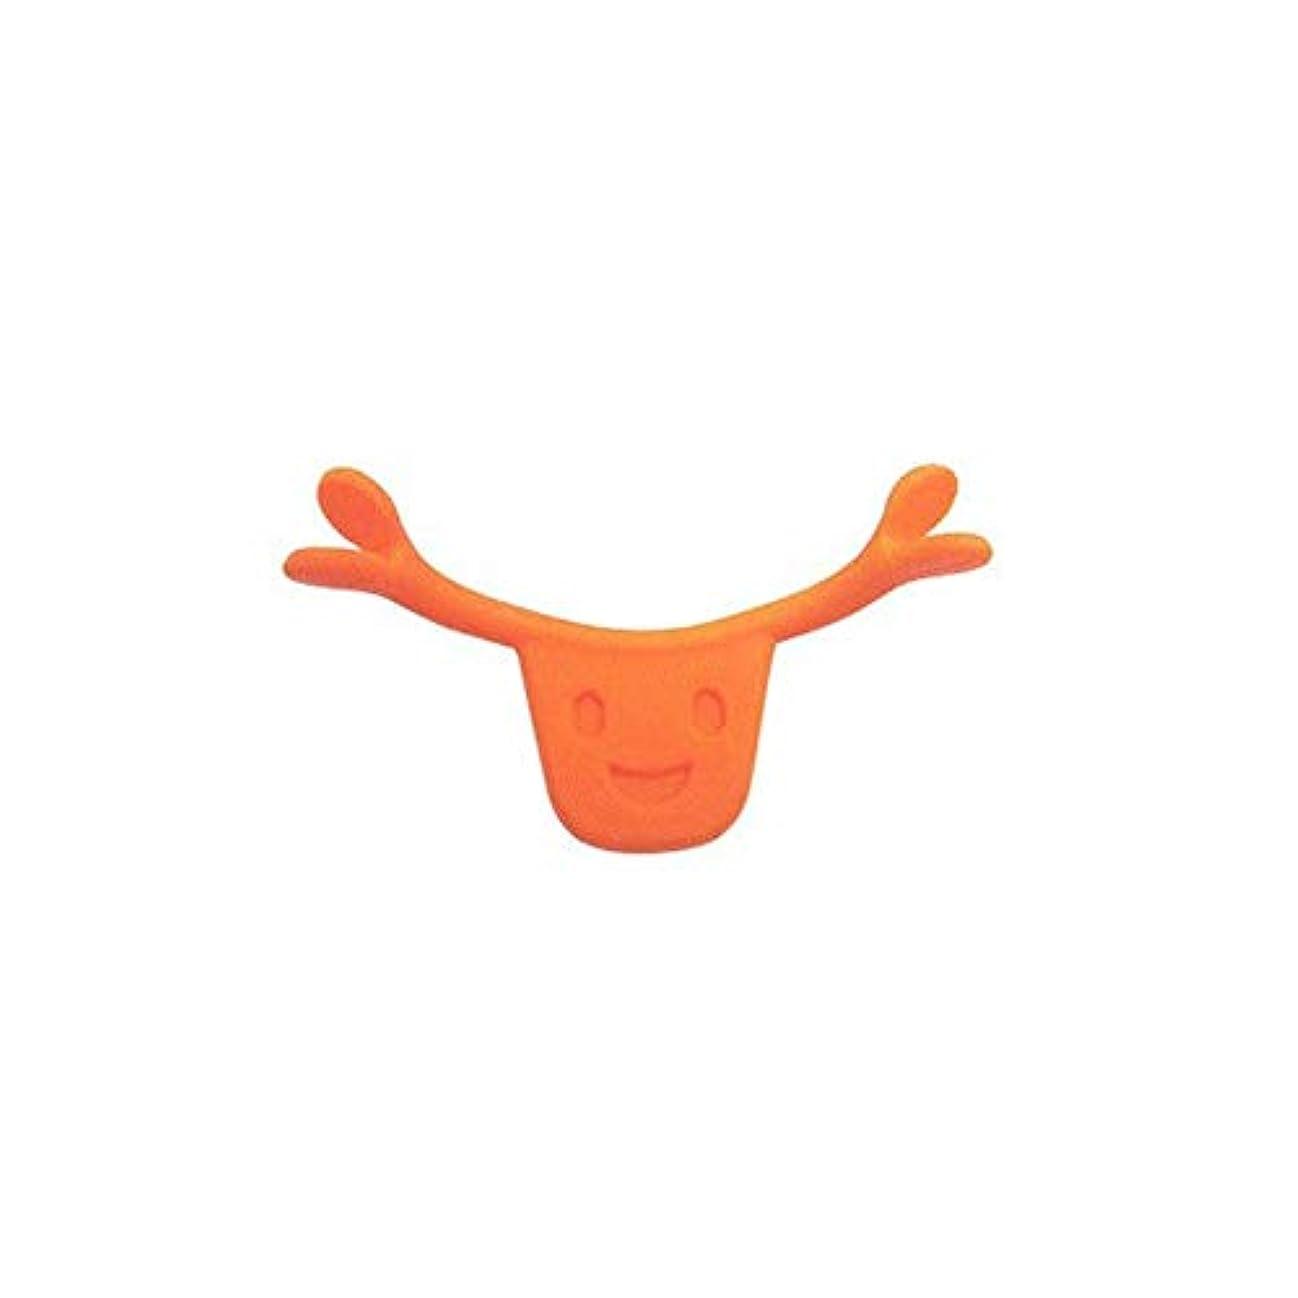 確認ワークショップモジュールポータブルサイズ男性女性本格的な魅力的なスマイルブレース口唇エイドスマイルフェイストレーニングコレクターフェイスライフツール(Color:orange)